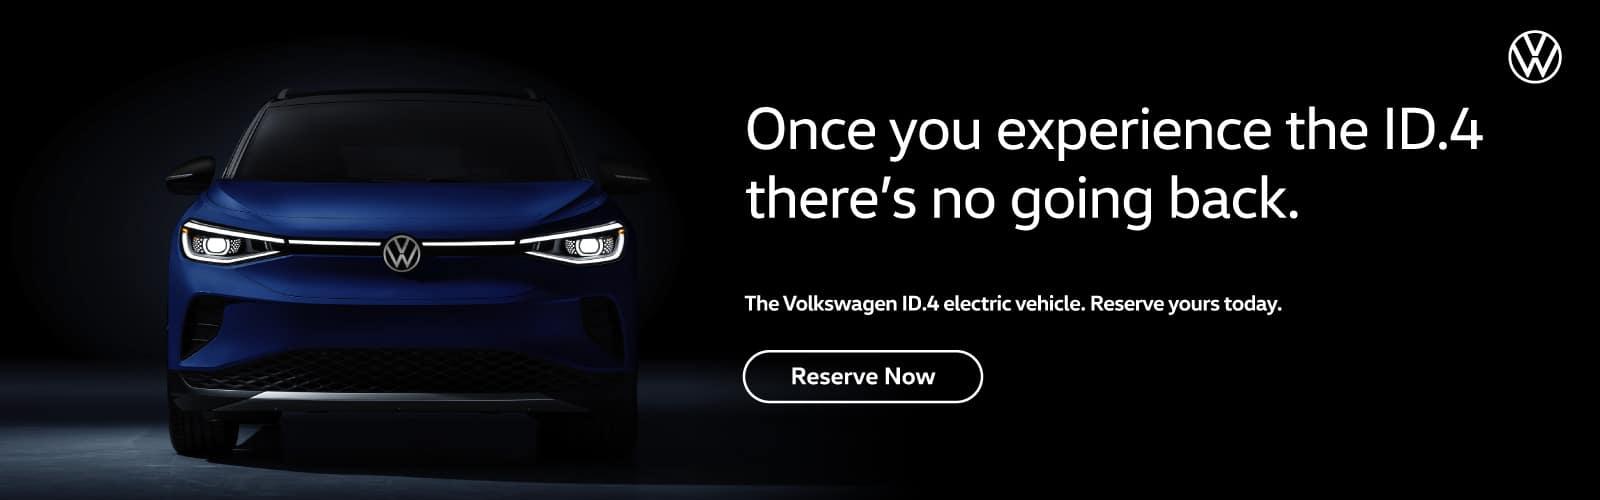 Volkswagen ID.4 Electric Vehicle